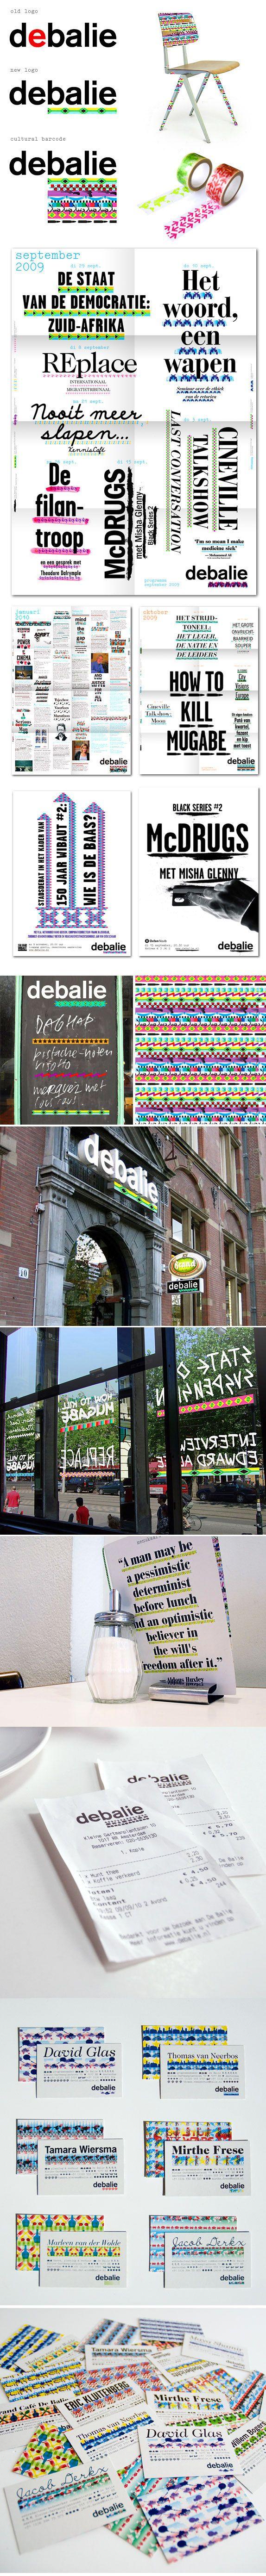 De Balie | Lava Graphic Design, Amsterdam